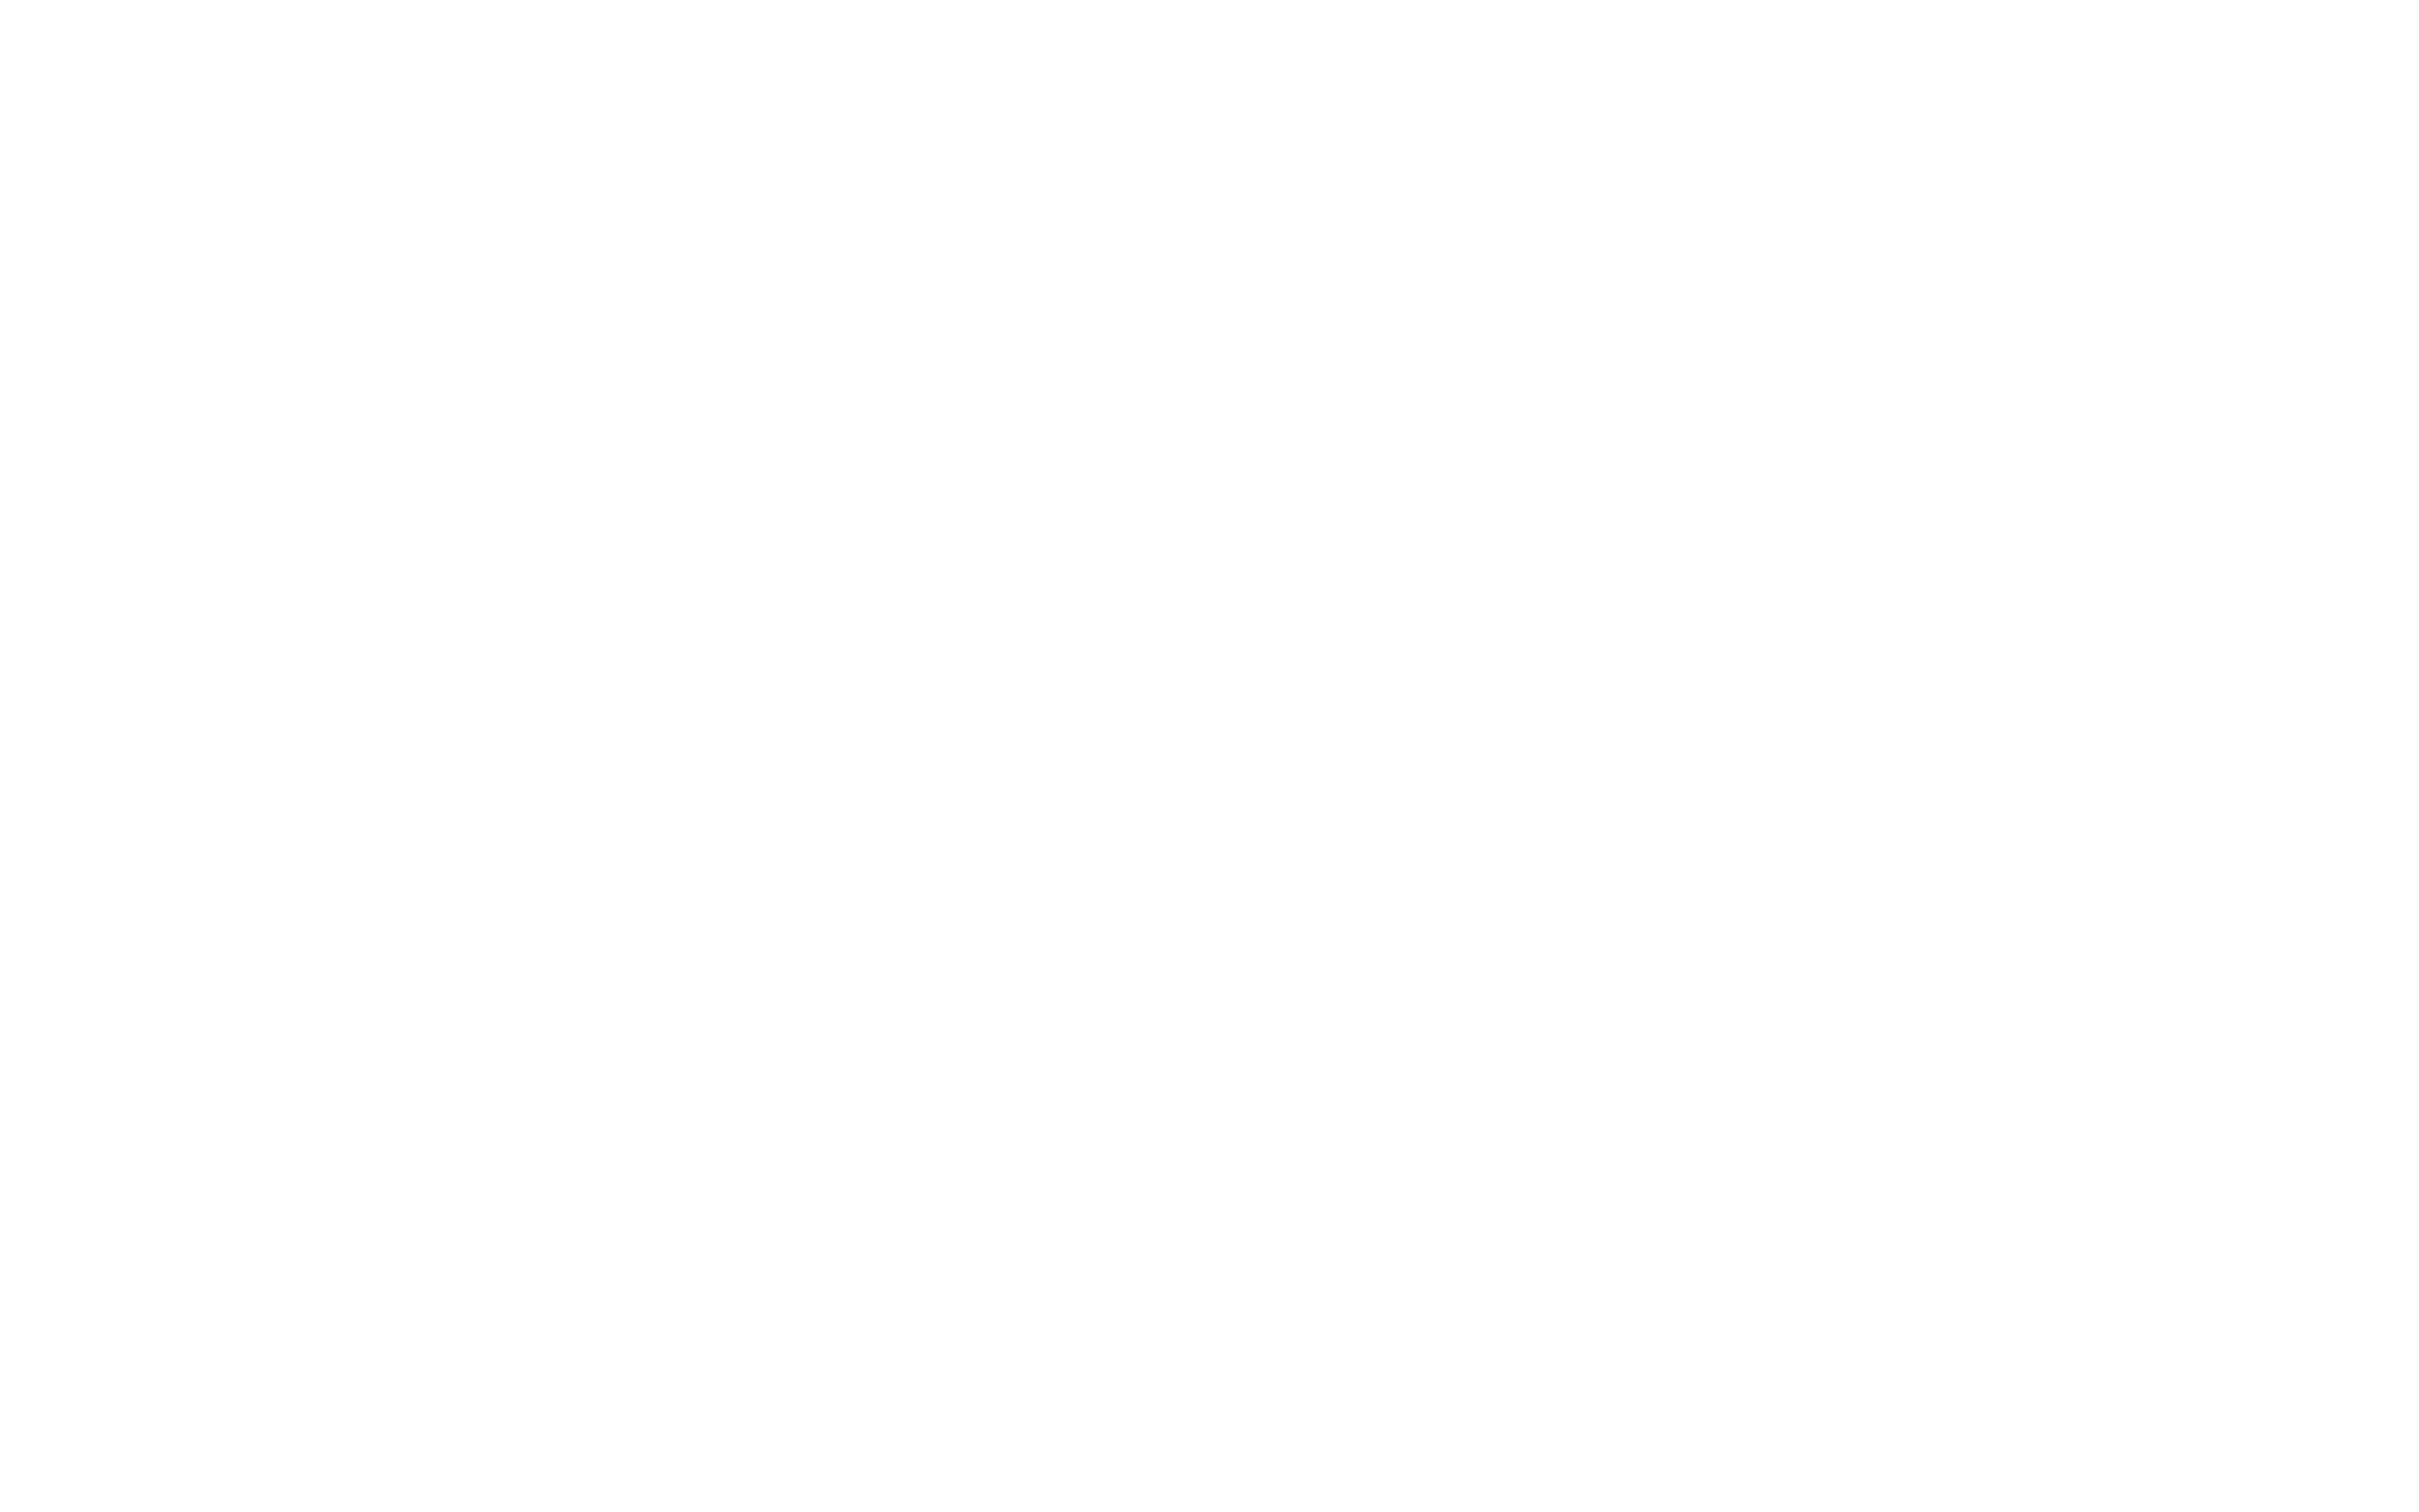 Logo - Pubg Logo Png White (2809x1756), Png Download